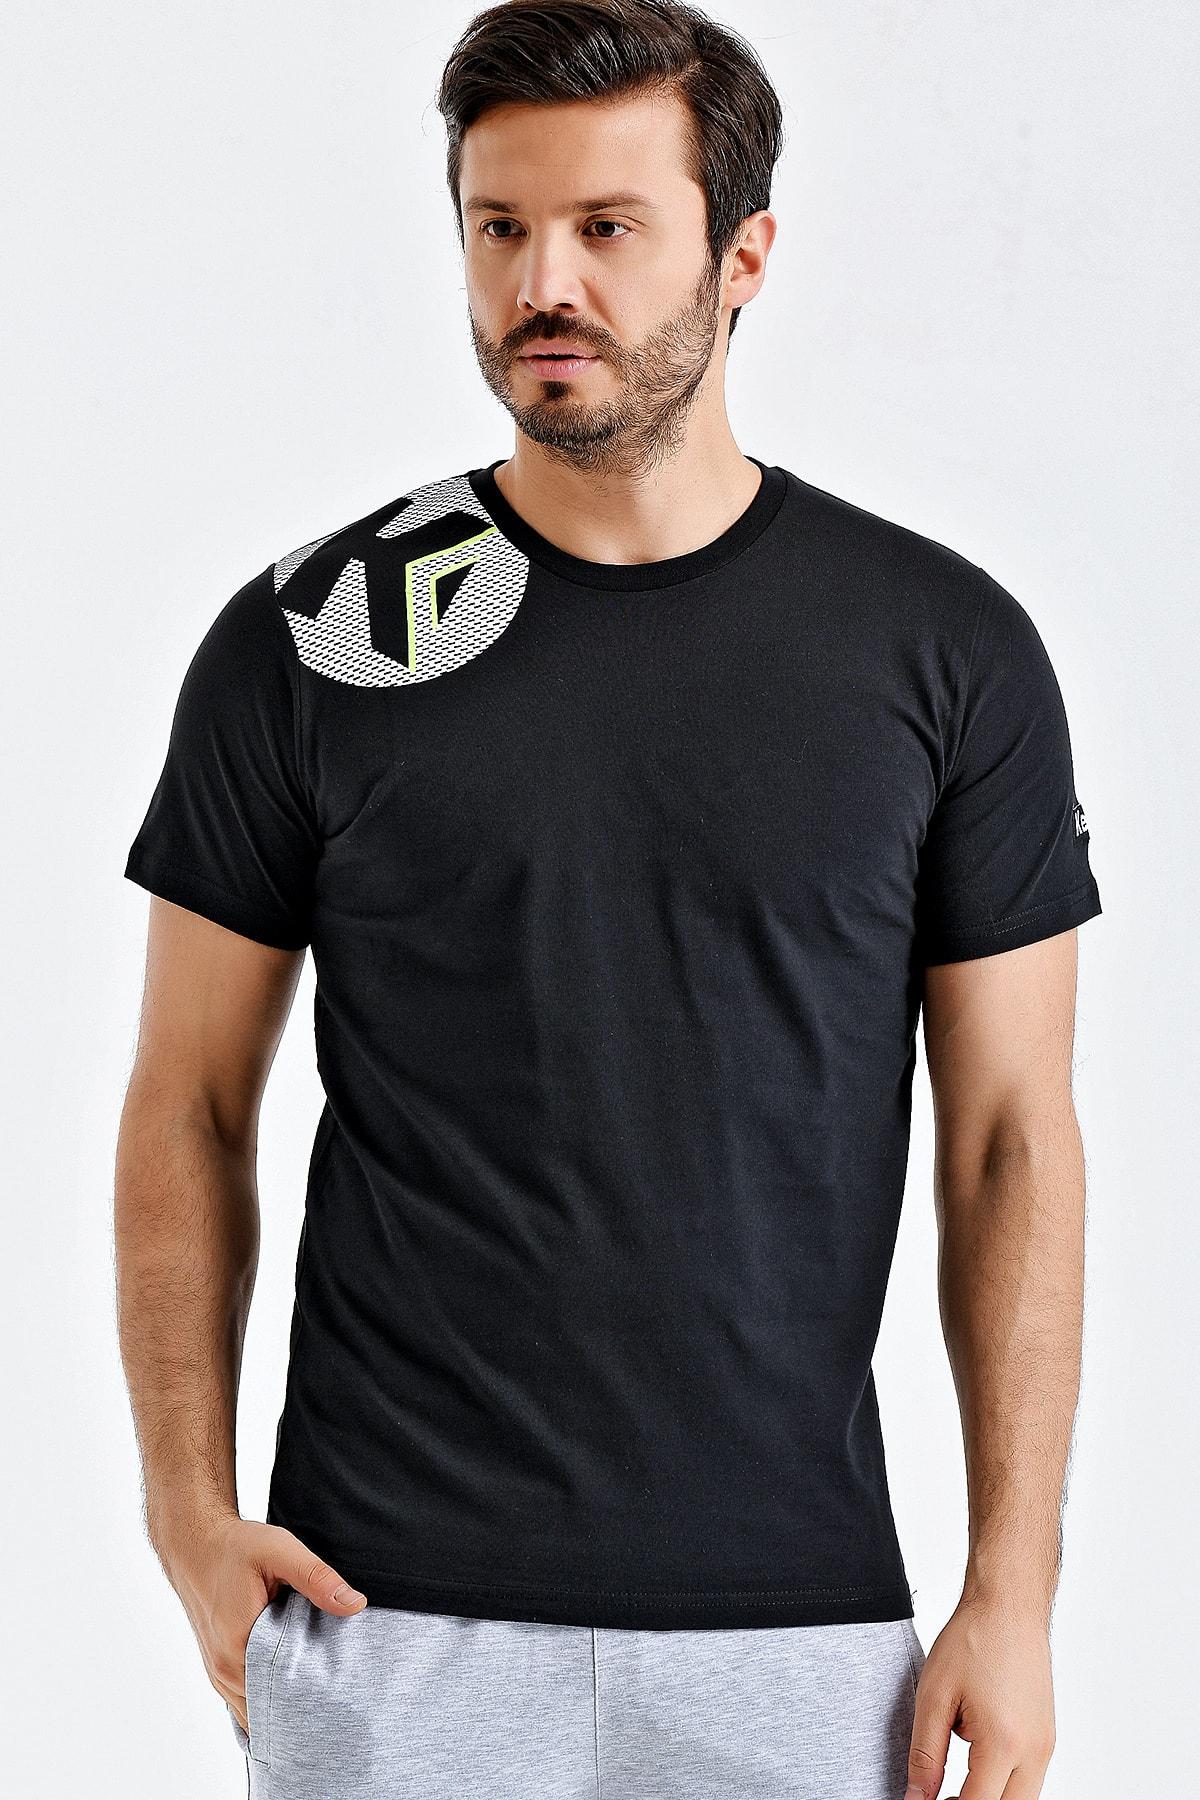 KEMPA Erkek Siyah Pamuklu Bisiklet Yaka T-shirt 1